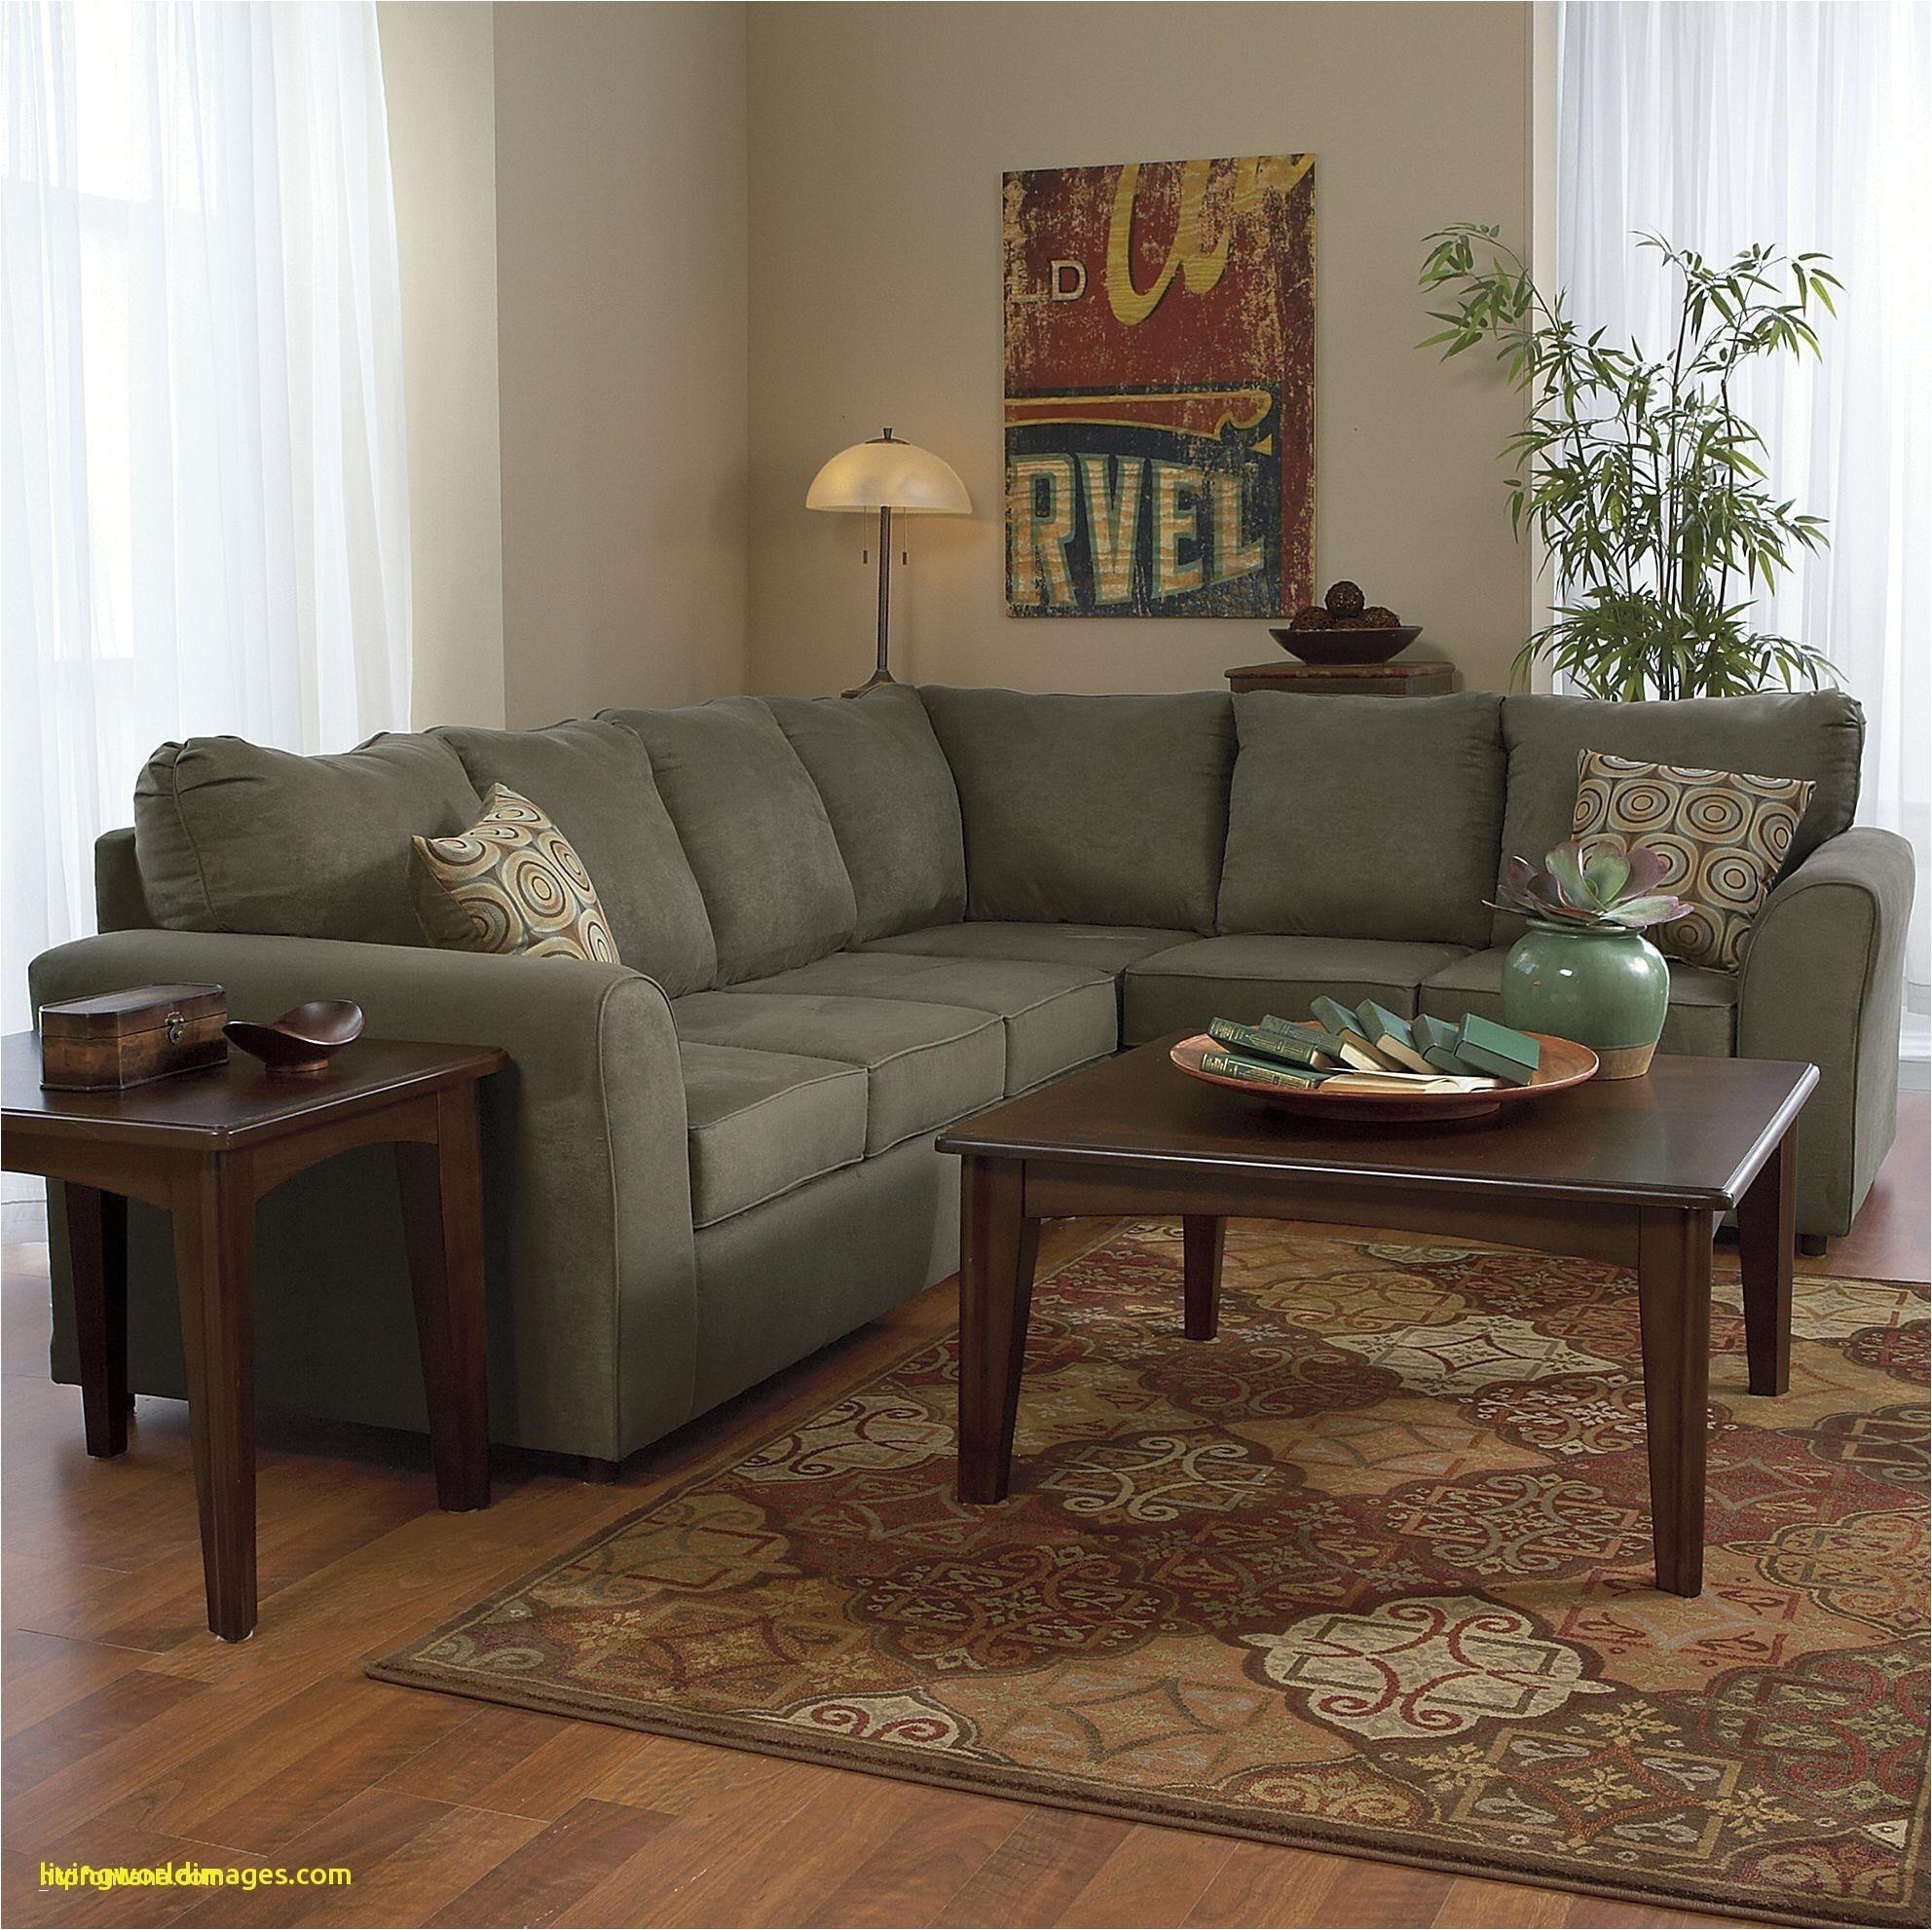 Unique Living Room Furniture Sets Nj Livingworldimages